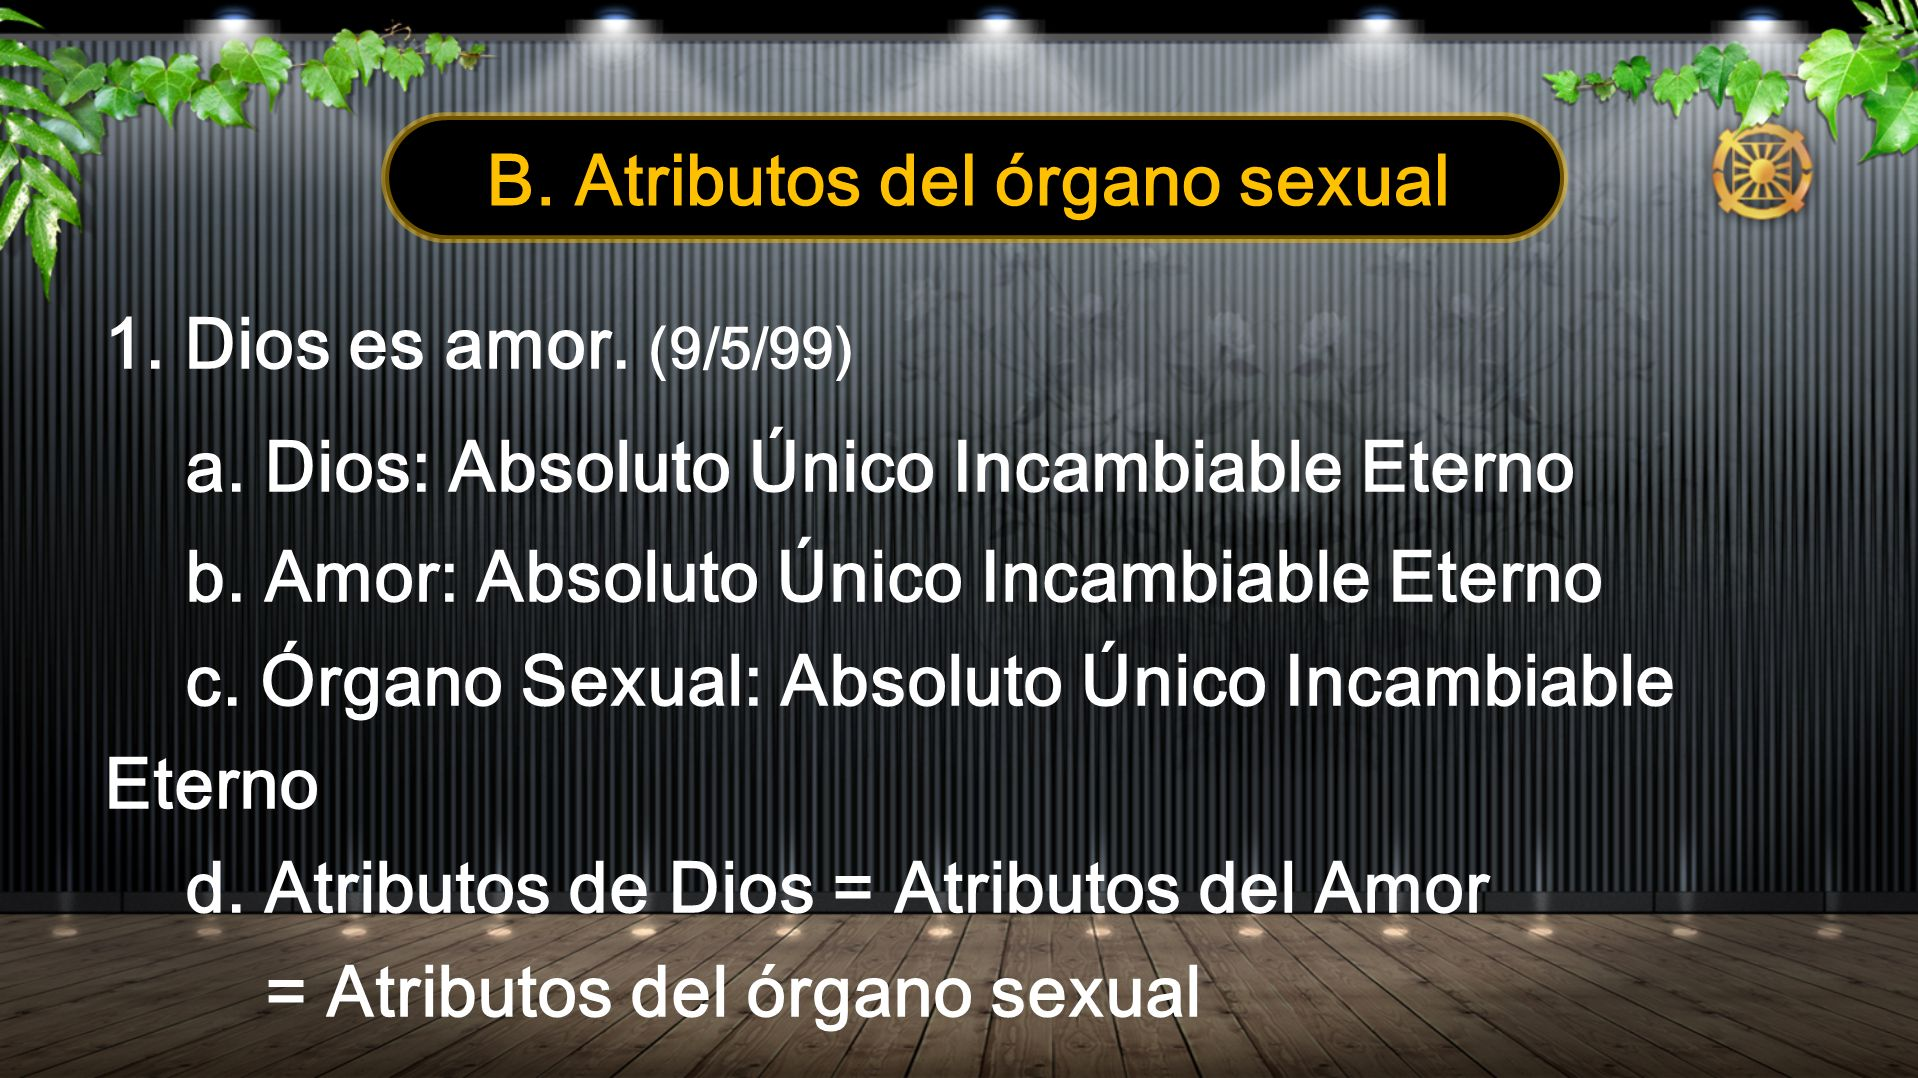 2.Los órganos Sexuales son las raíces de la familia y del reino ideal (9/12/05) a.